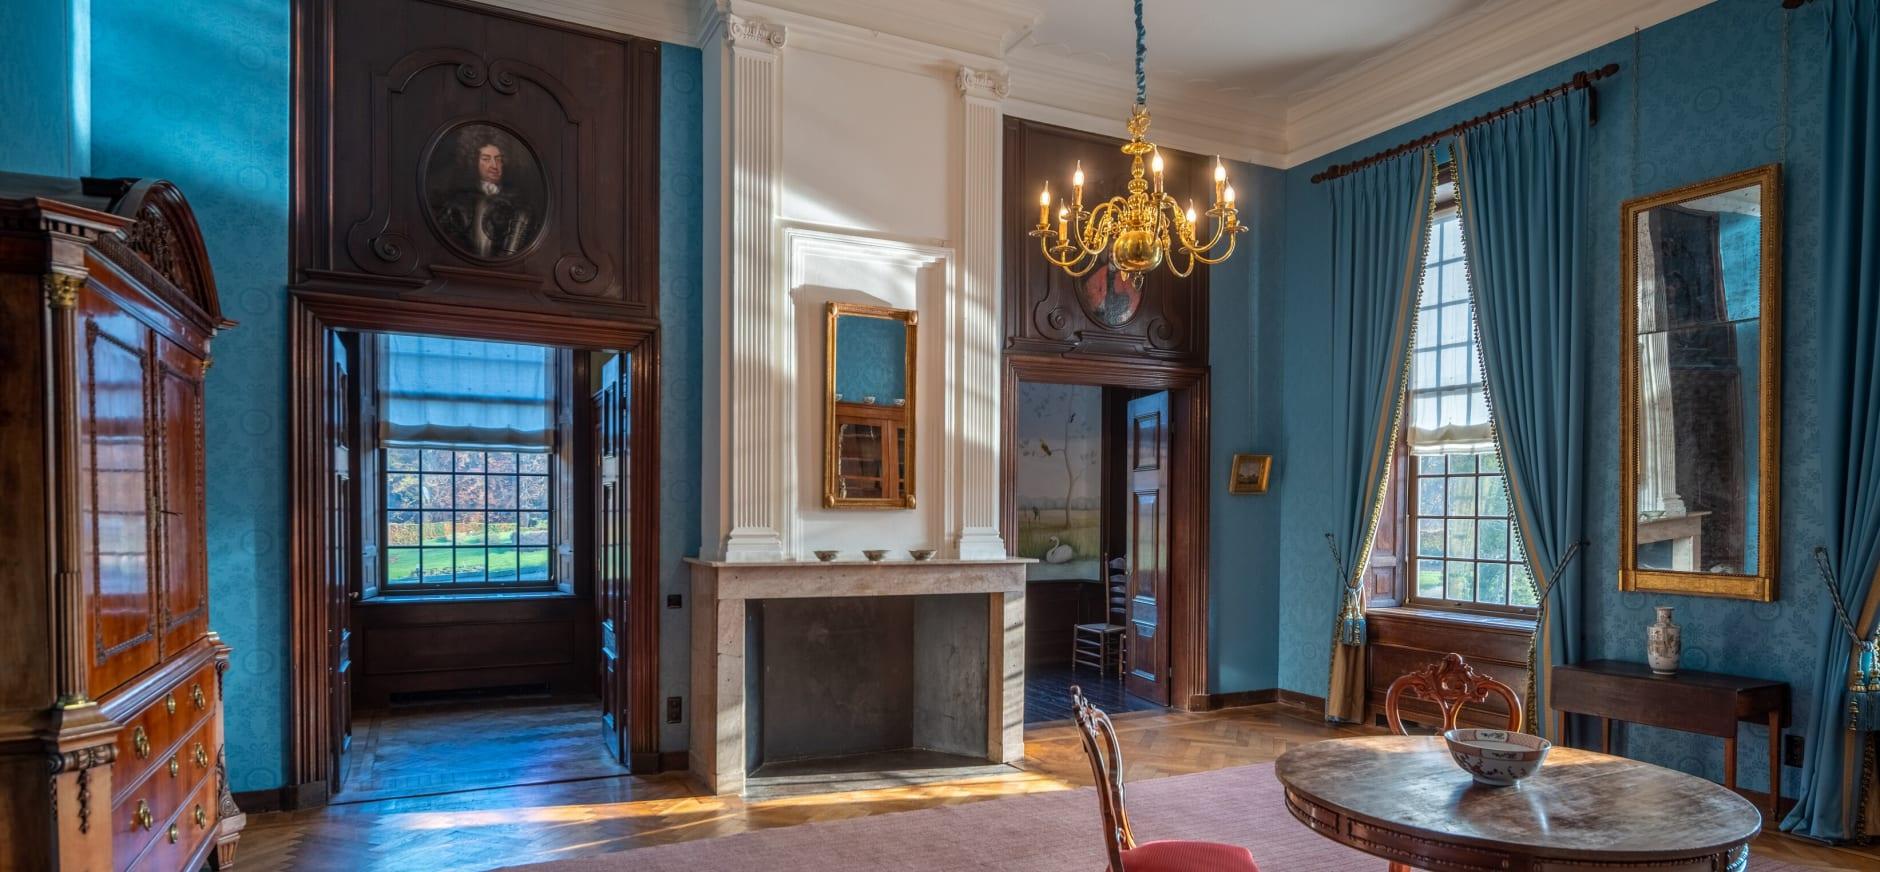 Bel-etage Blauwe kamer